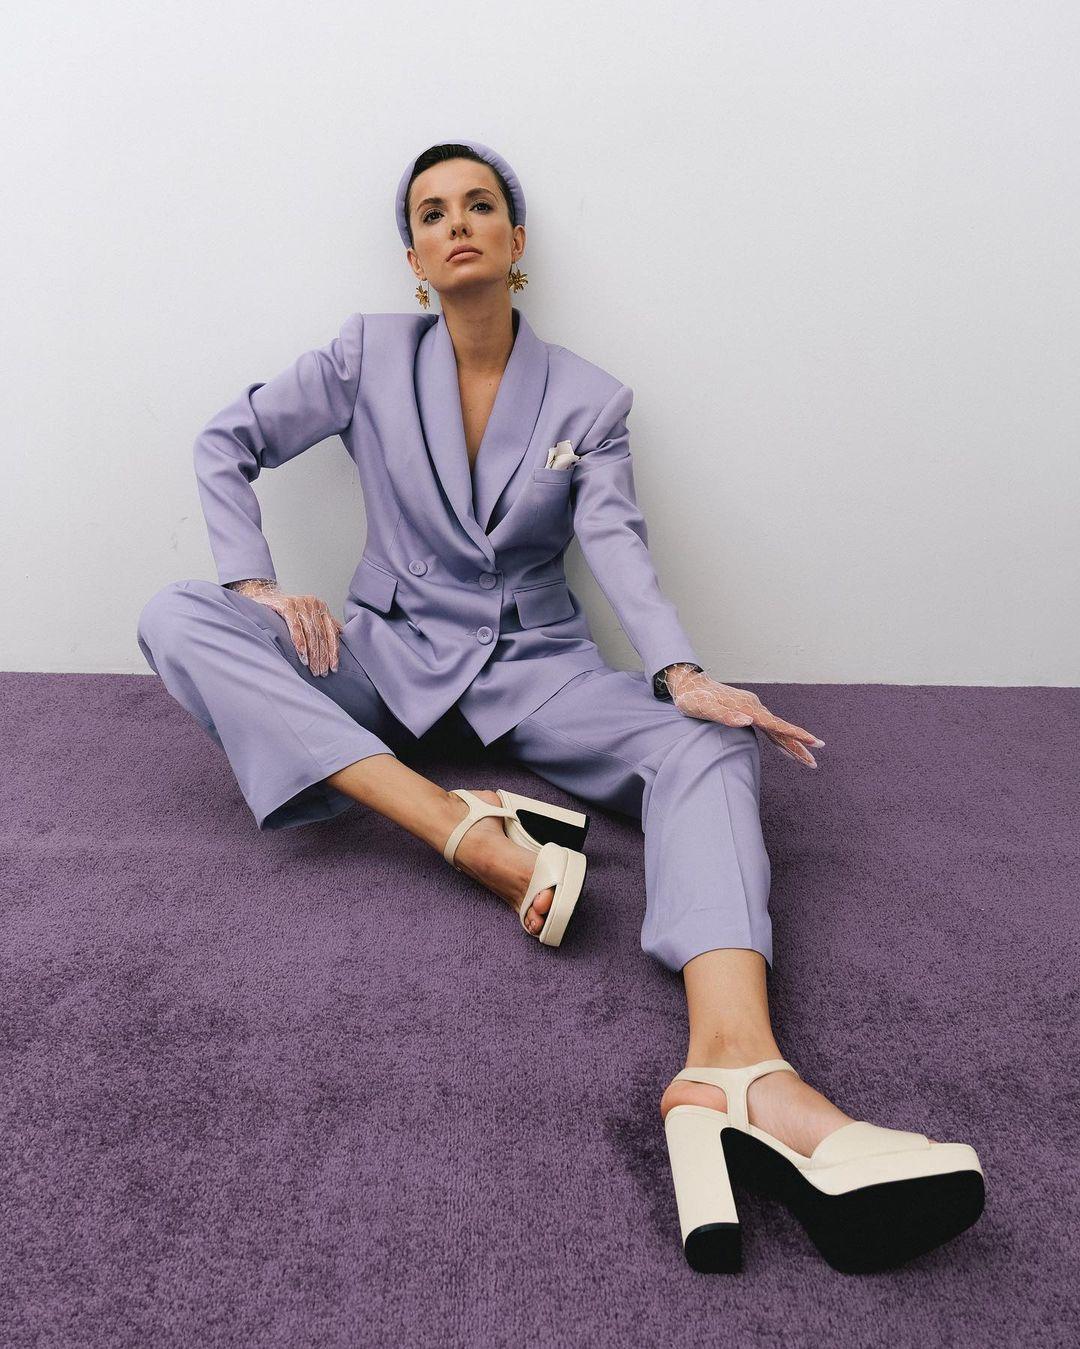 модный женский брючный костюм украинский бренд осень 2021 лиловый лаванда